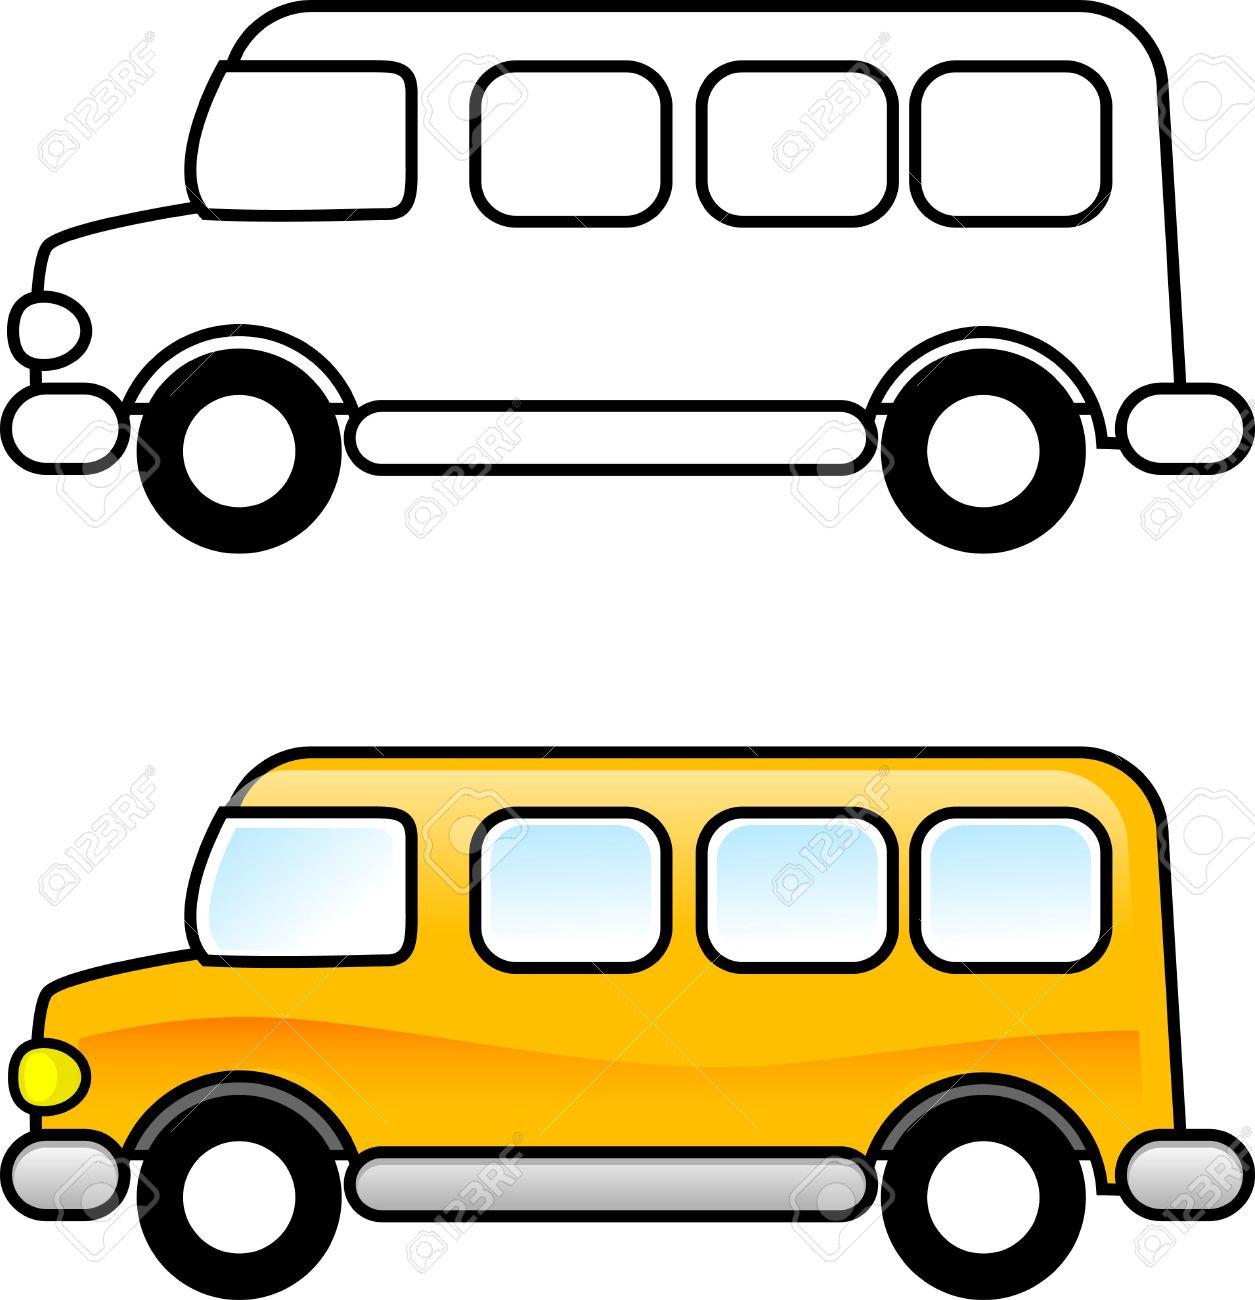 School Bus - Para Imprimir La Página Para Colorear Para Los Niños O ...